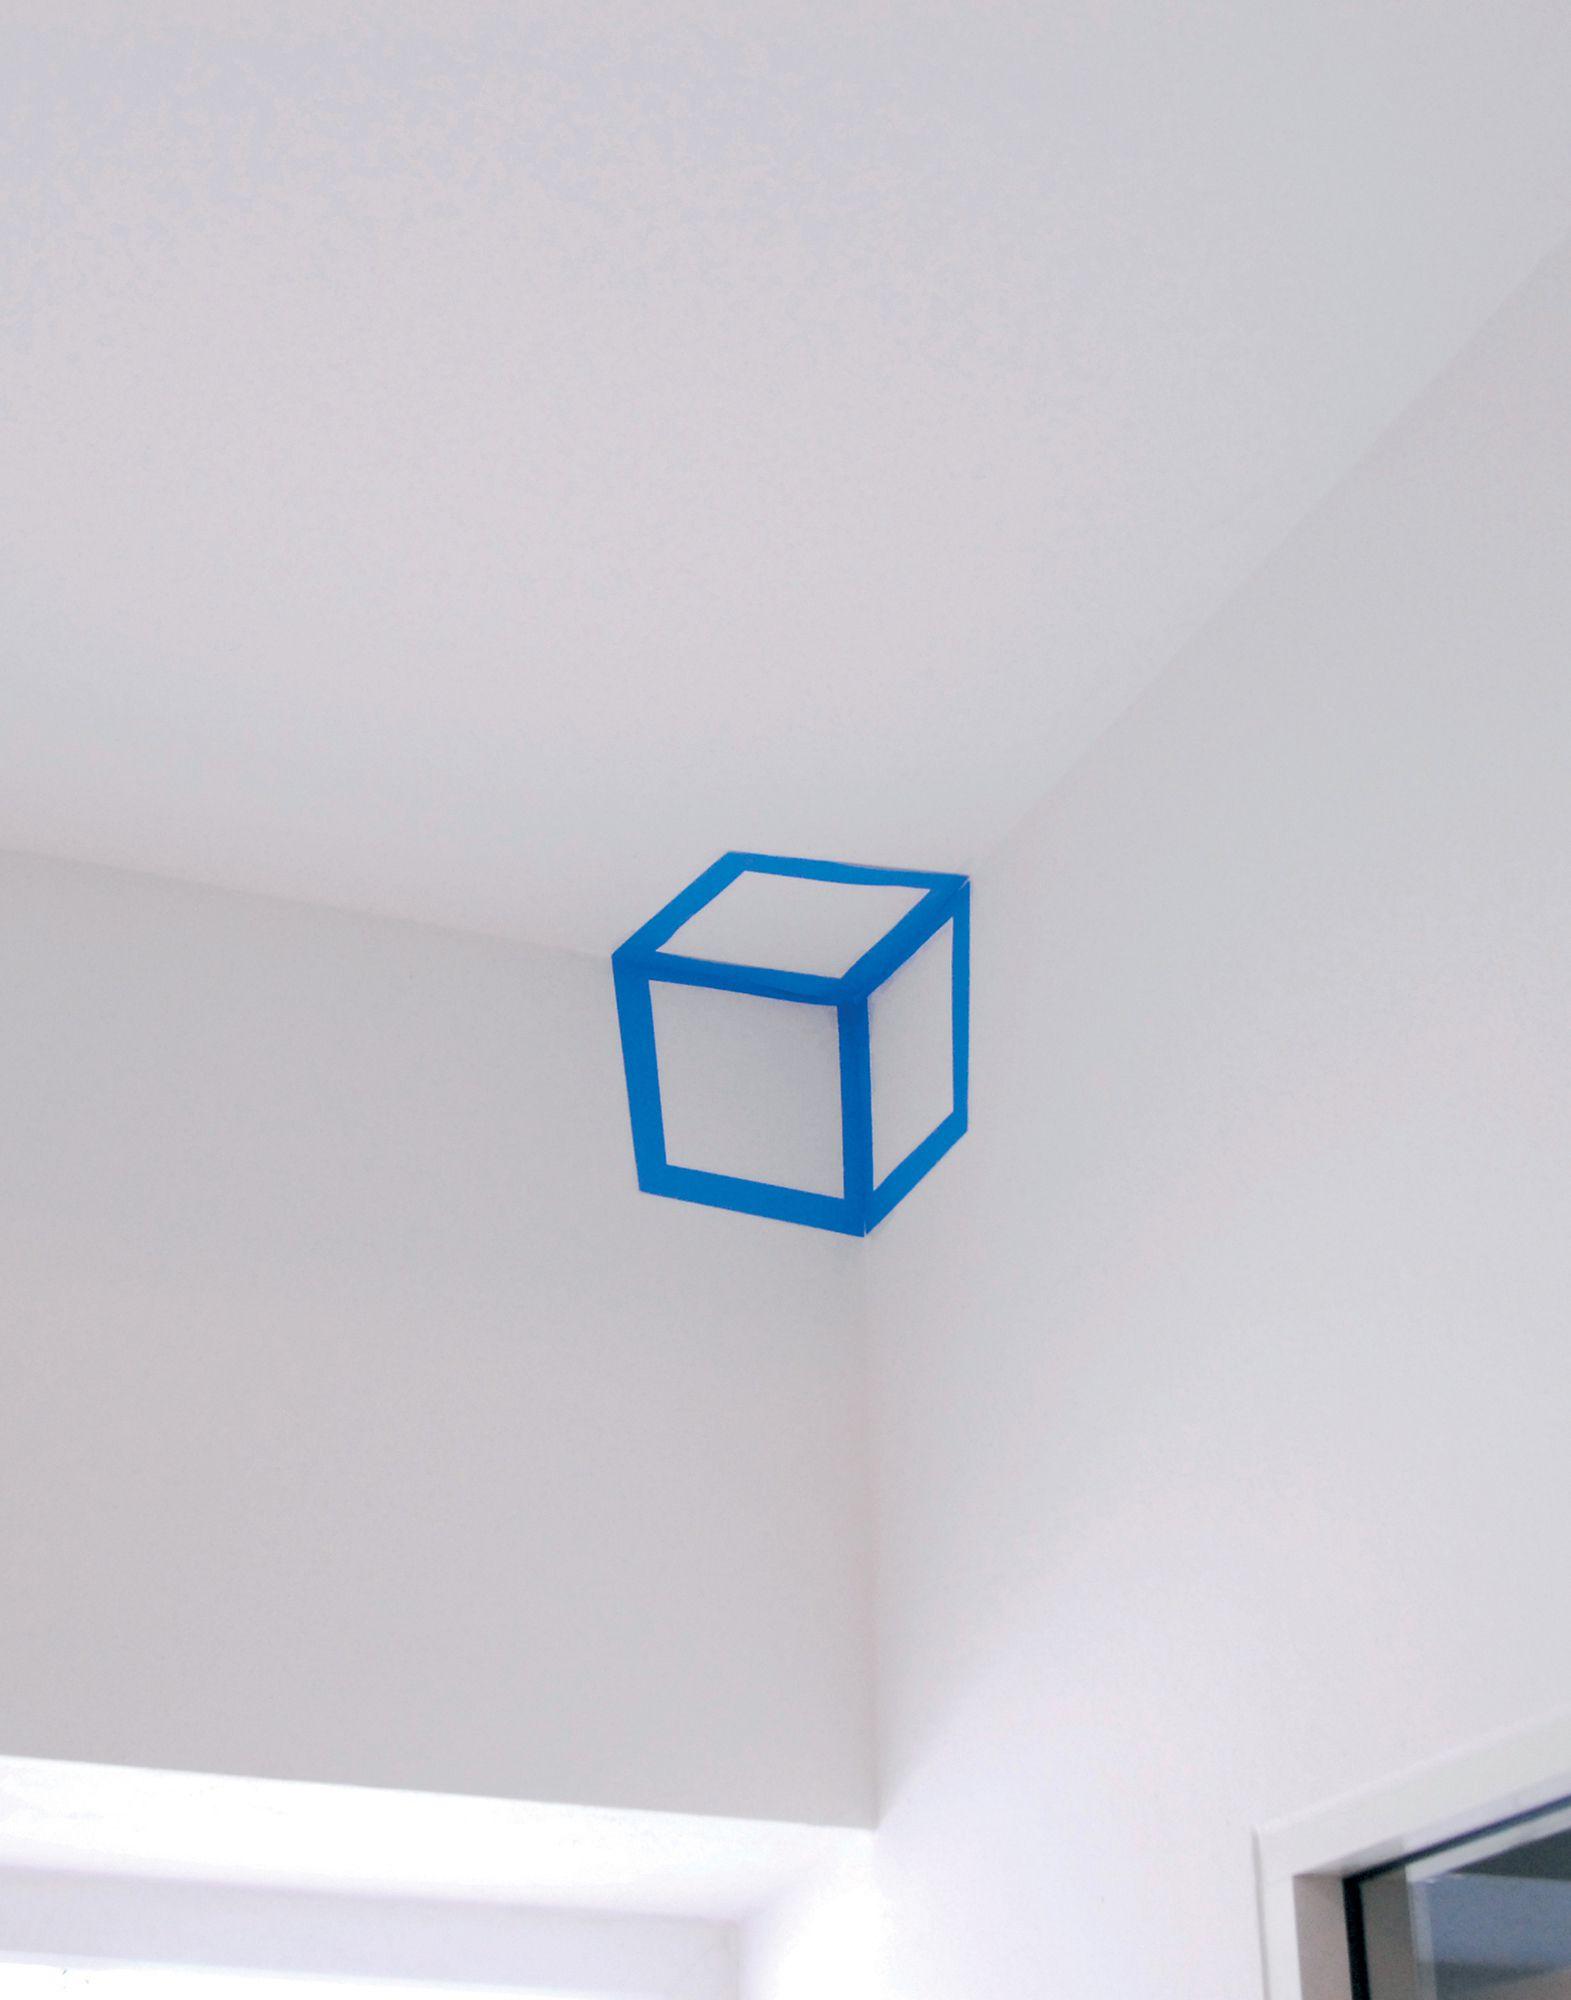 YOOX.COM(ユークス)《セール開催中》DOMESTIC Unisex デコレーション (-) ビニール kubus blue